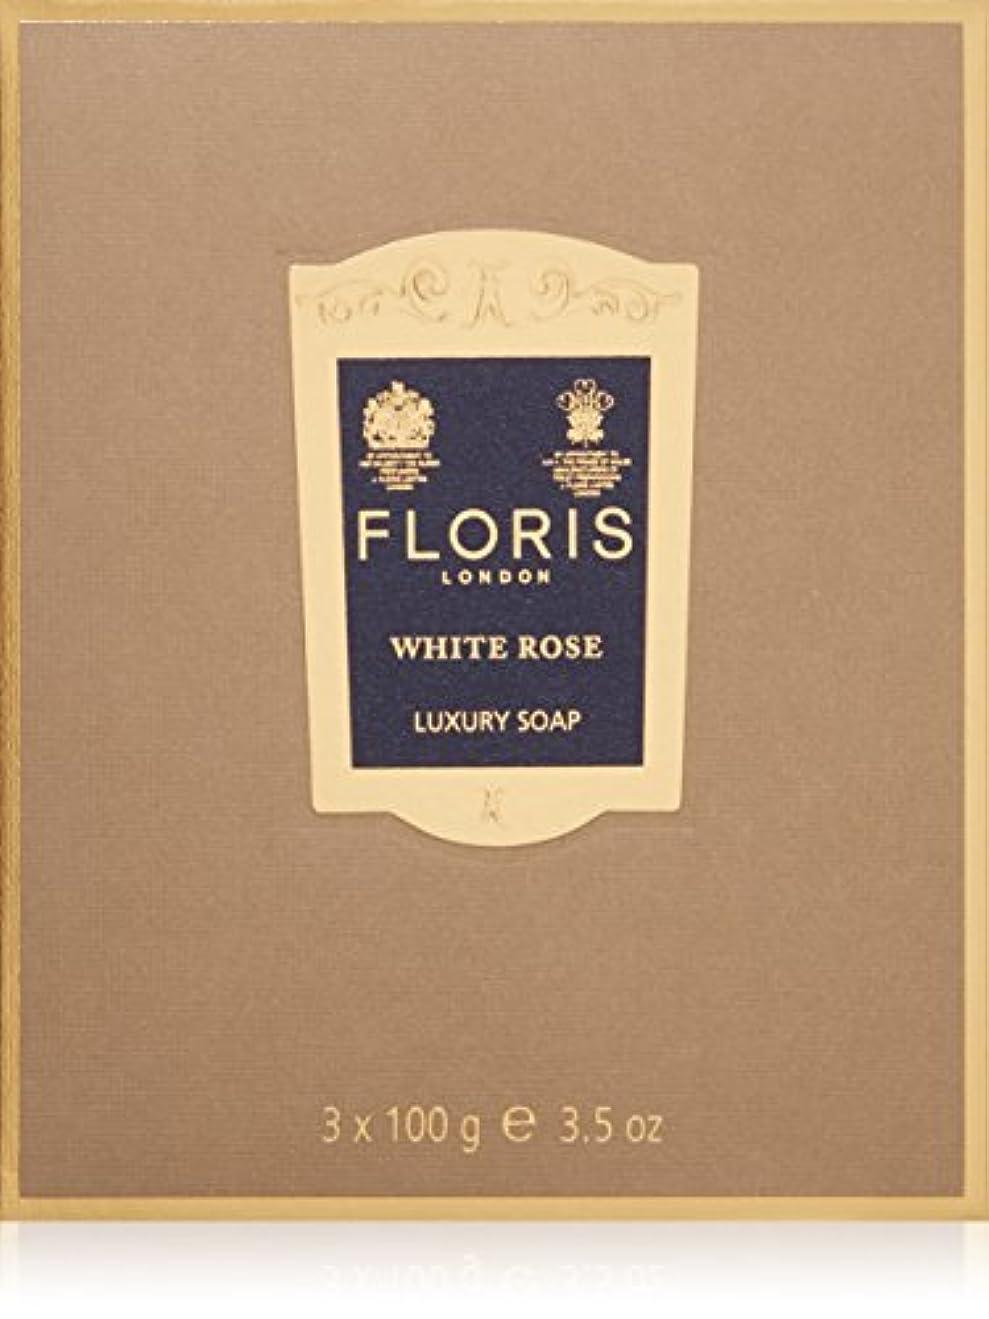 勤勉な独立症候群フローリス ラグジュアリーソープWR(ホワイトローズ)3x100g/3.5oz